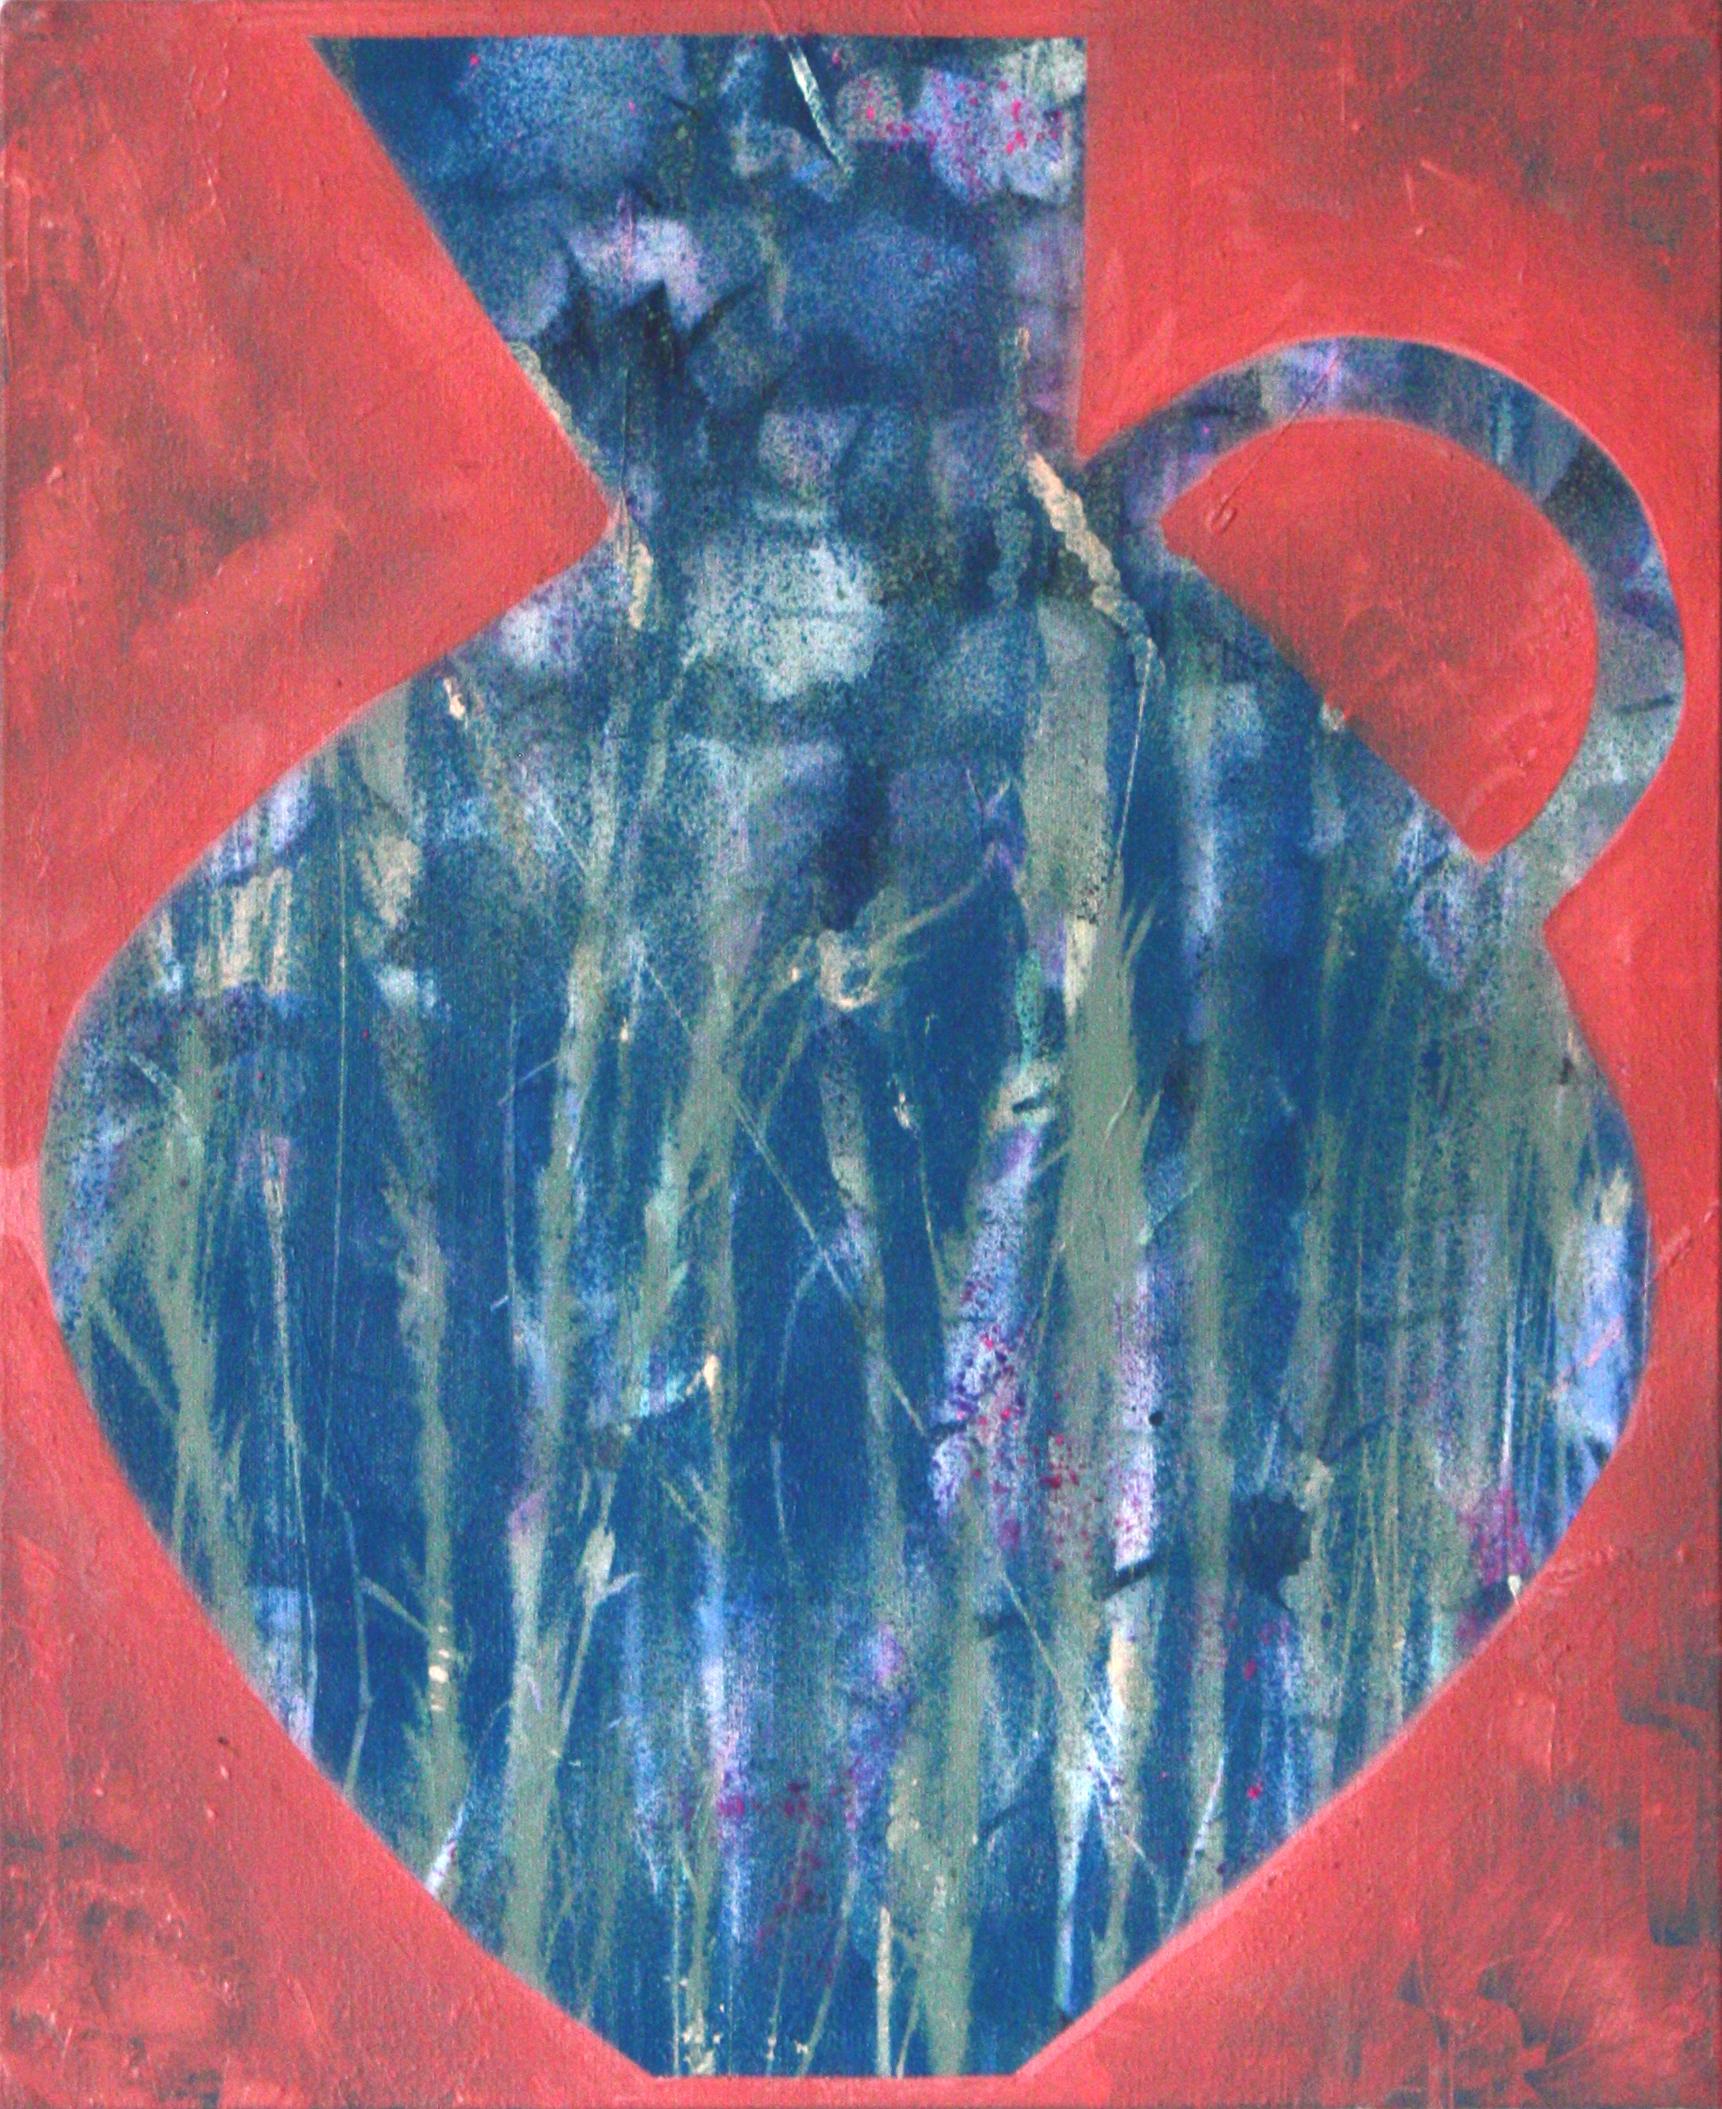 Sangria, 51 x 40cm, acrylic on canvas, 2019